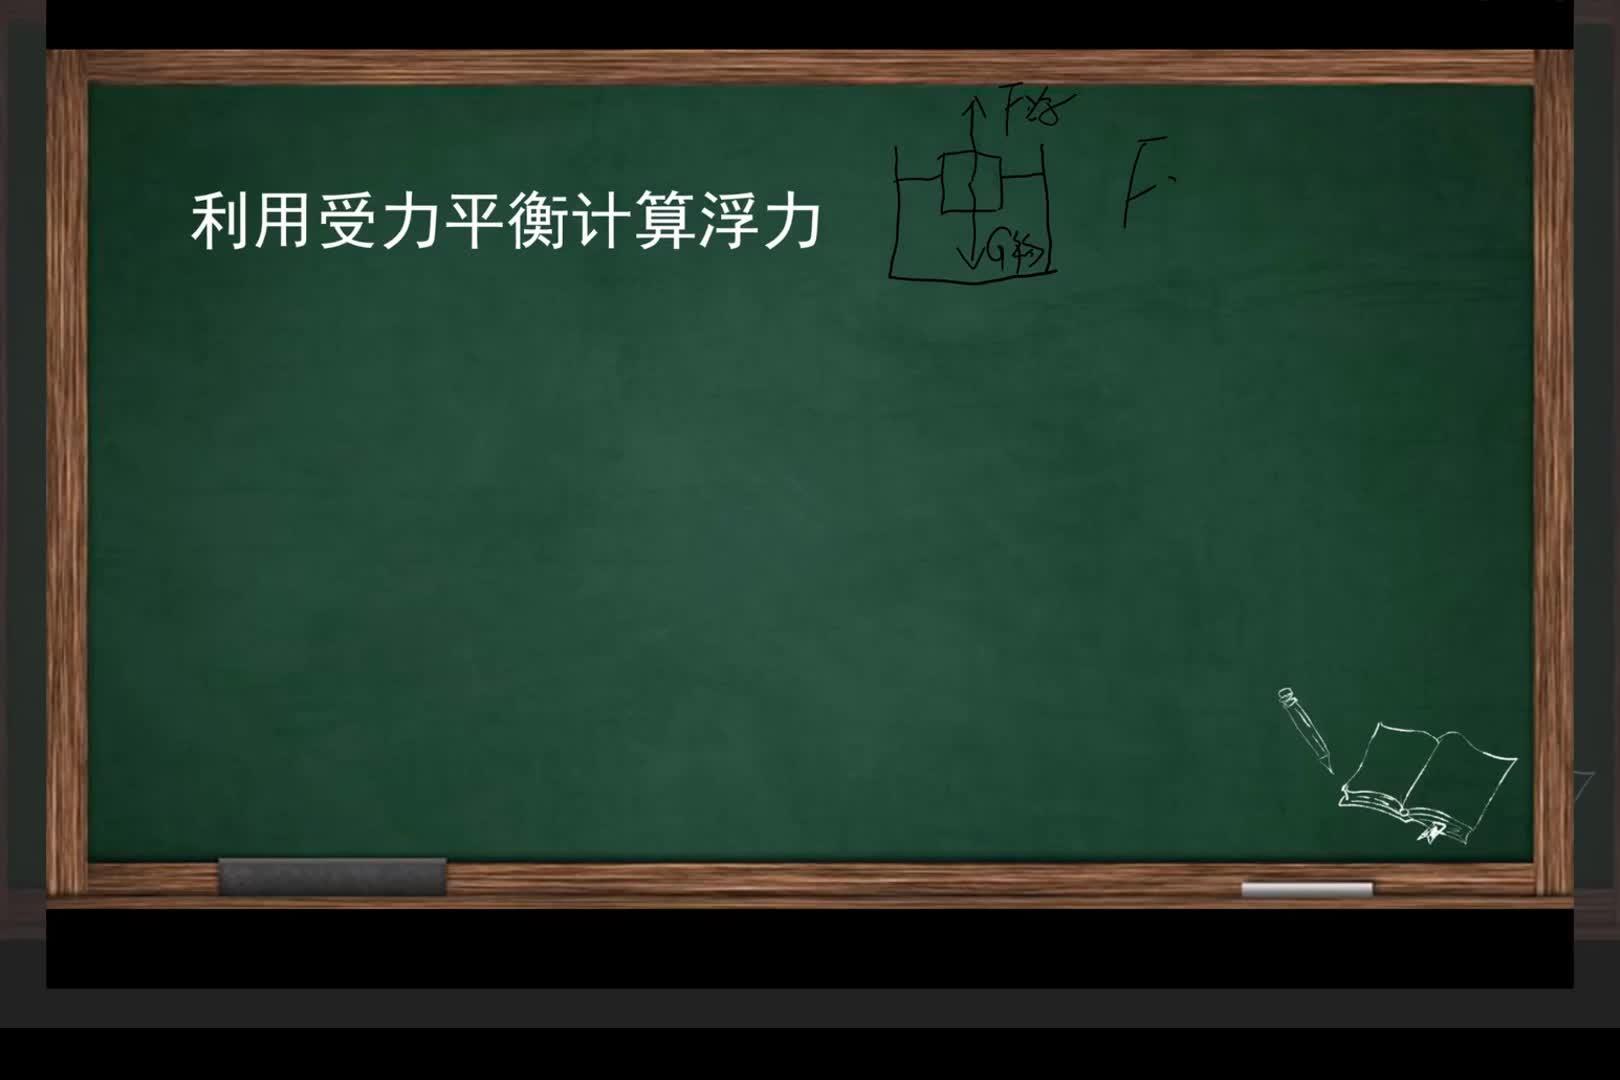 教科版八年級下冊:利用受力平衡計算浮力(拔高微課視頻)